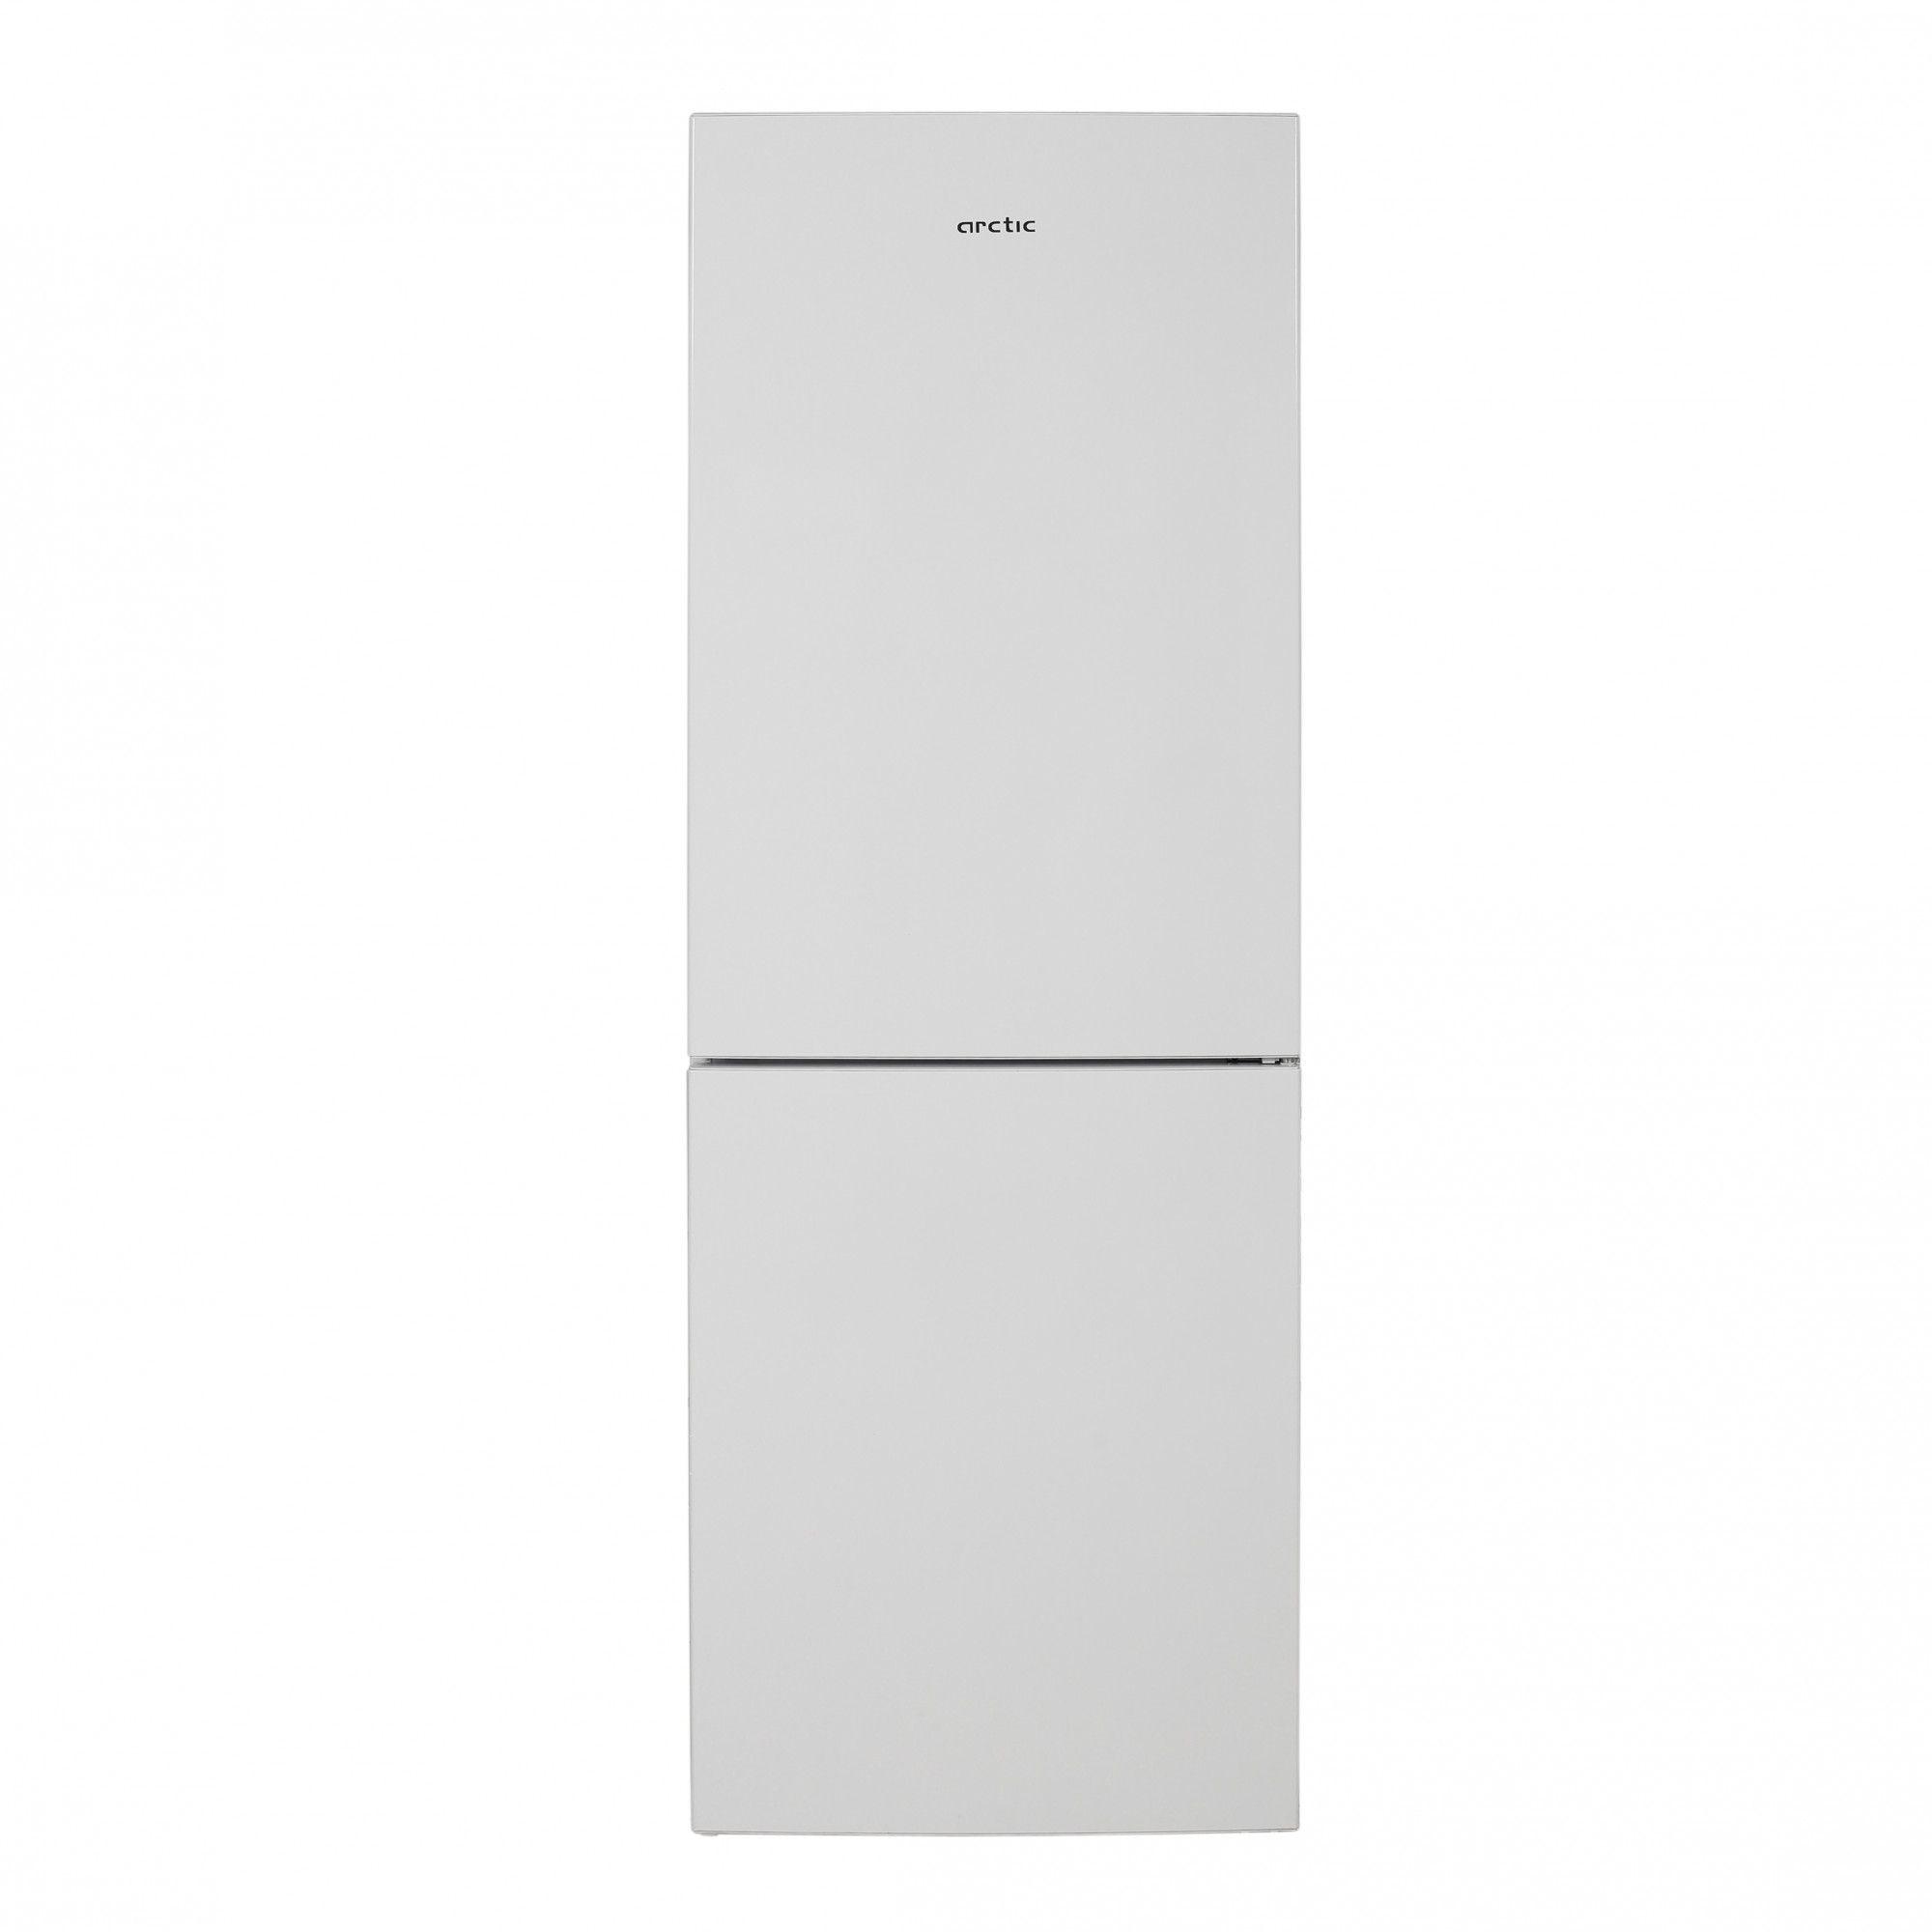 Combina frigorifica Arctic AK60340+, 322 l, Clasa A+, H 175.4, Alb